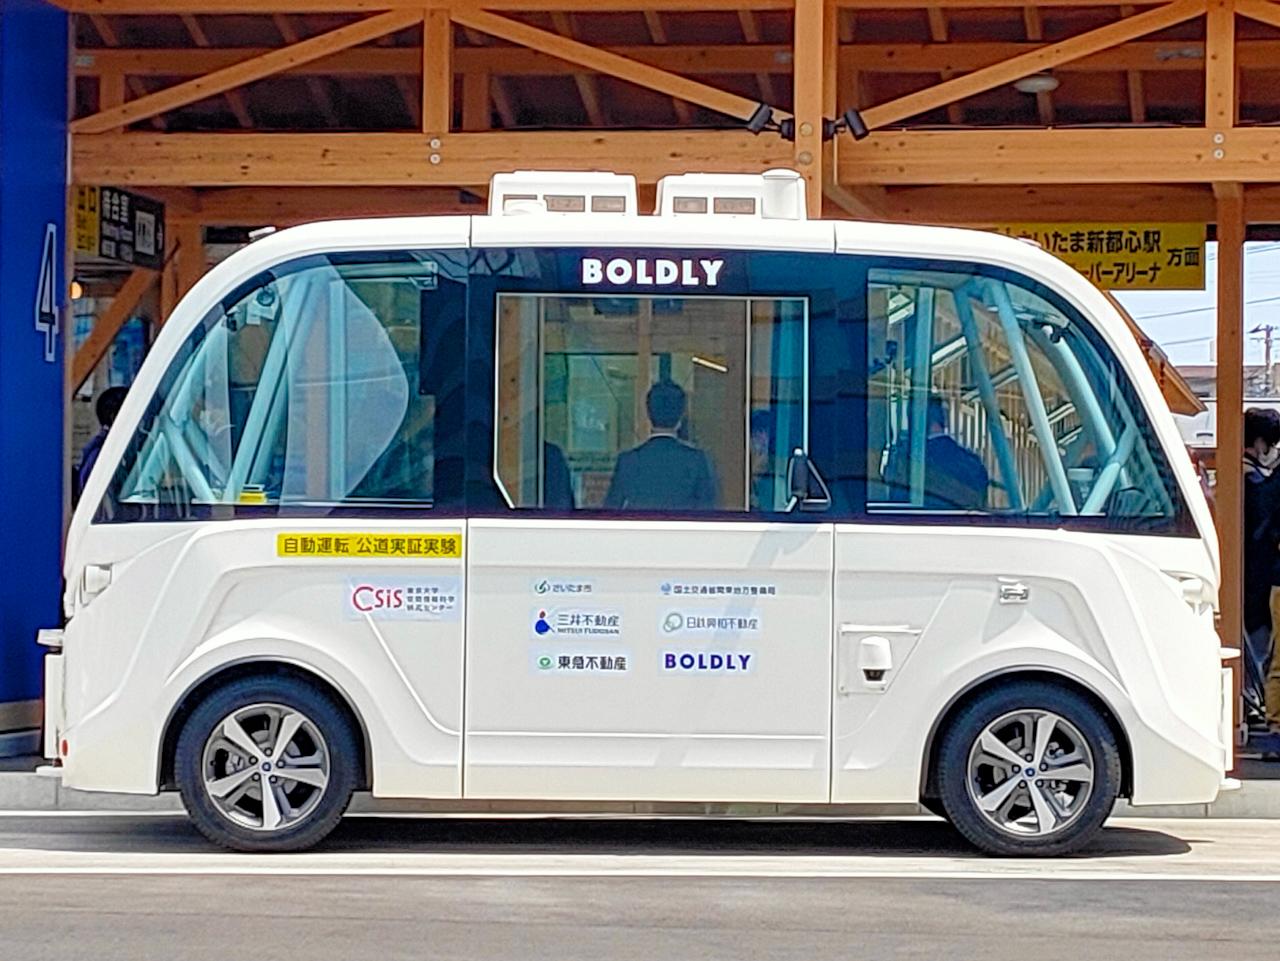 自動運転サービスに使用される車両「NAVYA ARMA」